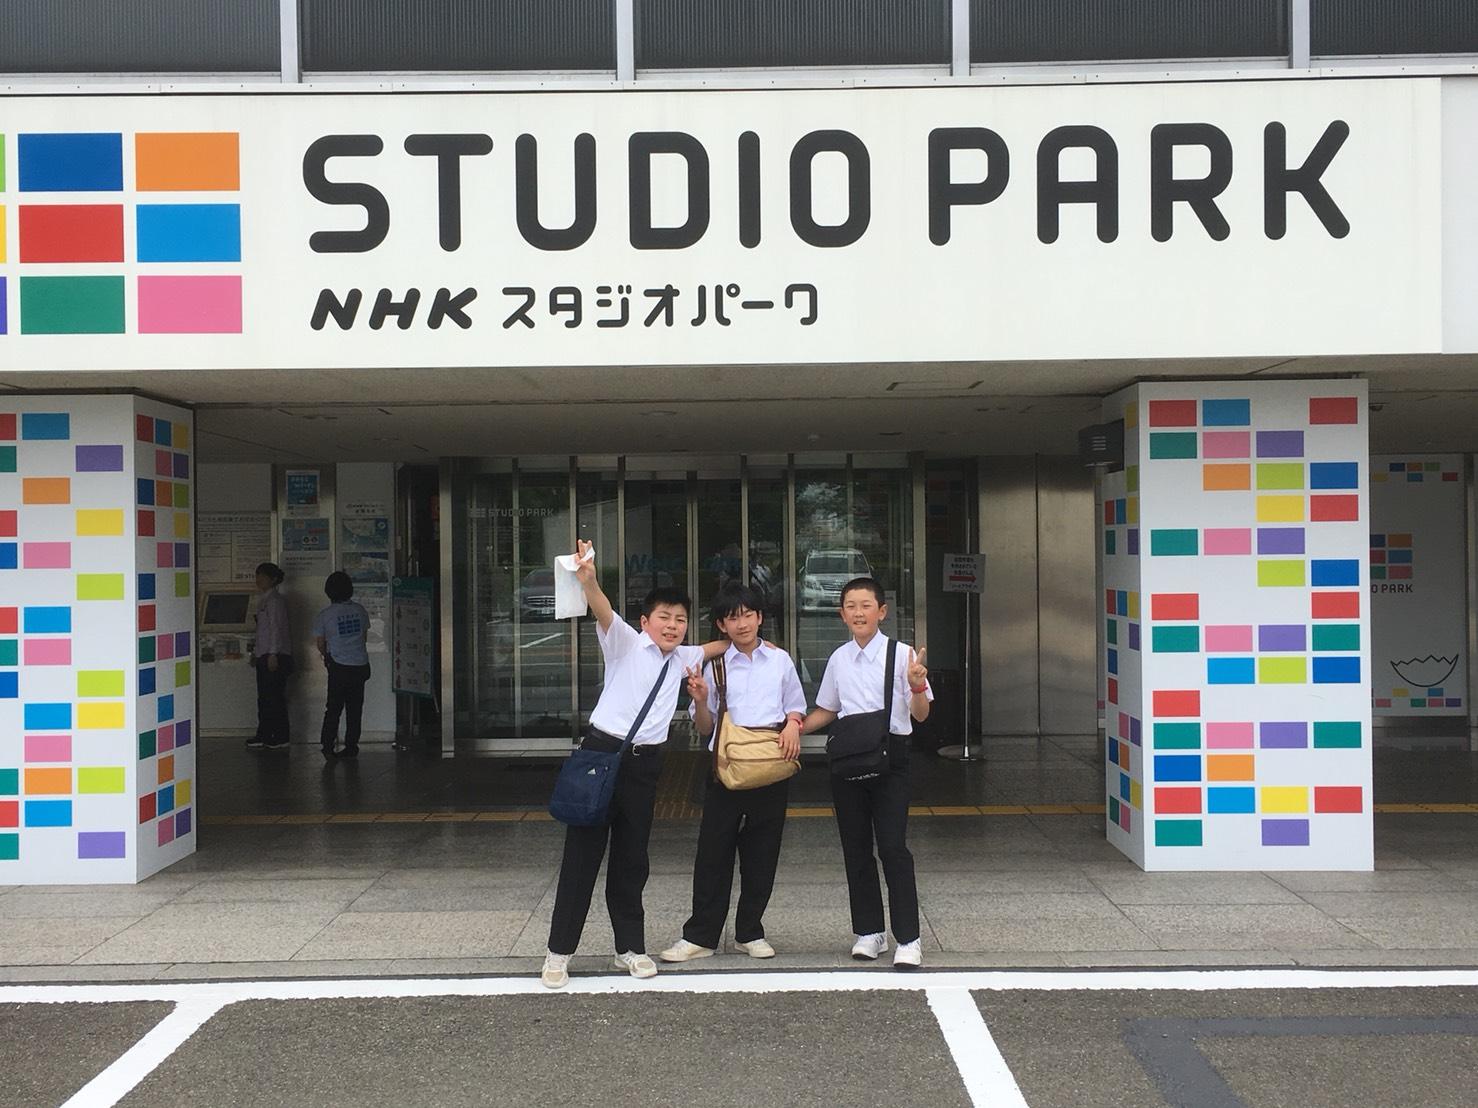 http://www.kitashitara.jp/toyone-jh/1526542105810.jpg